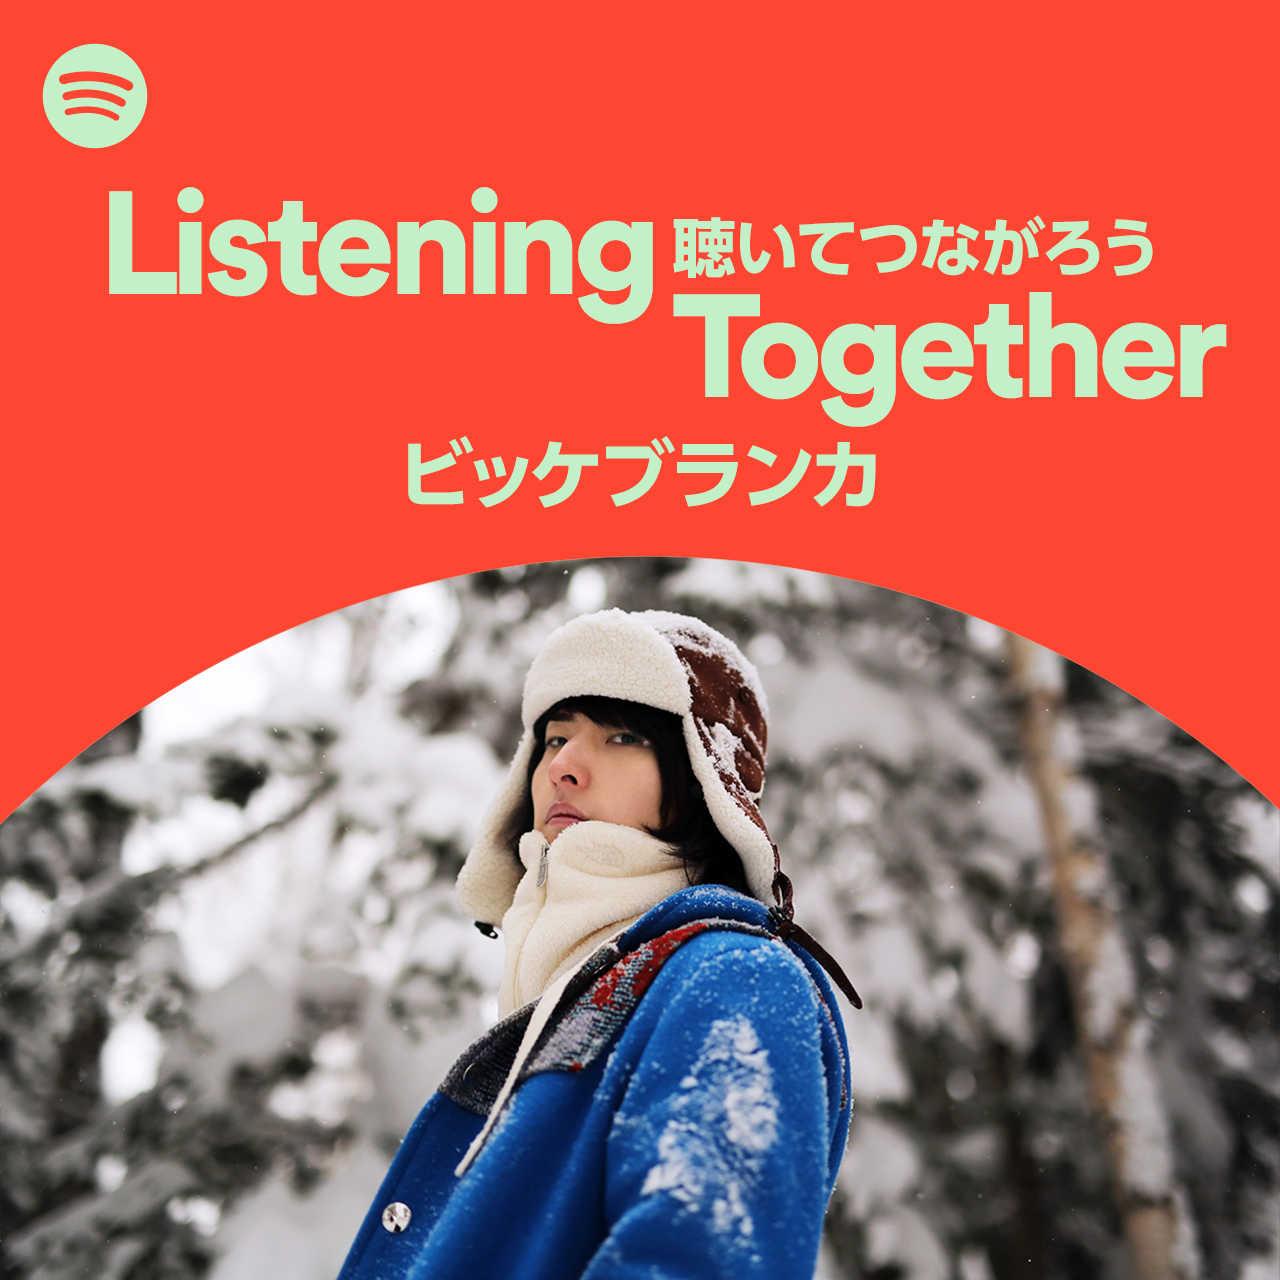 ビッケブランカ、Spotify新プレイリスト「Listening Together #聴いてつながろう」公開